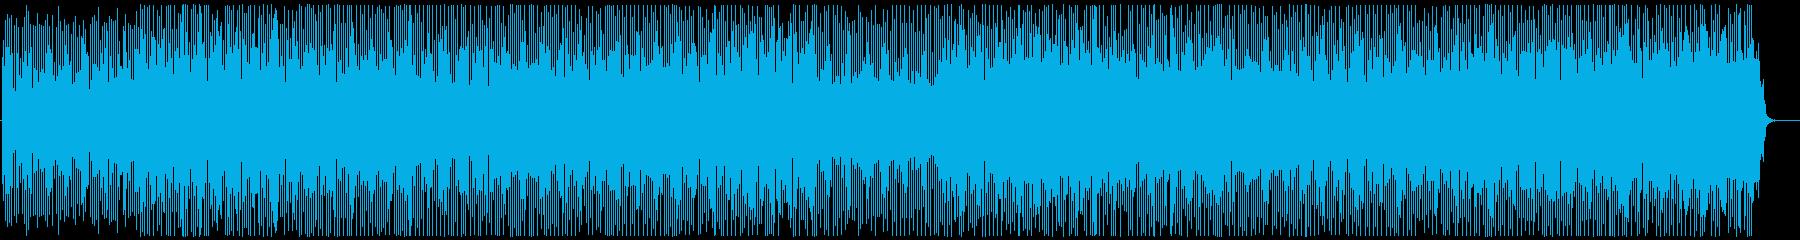 宮本武蔵 五輪書をイメージしました。の再生済みの波形